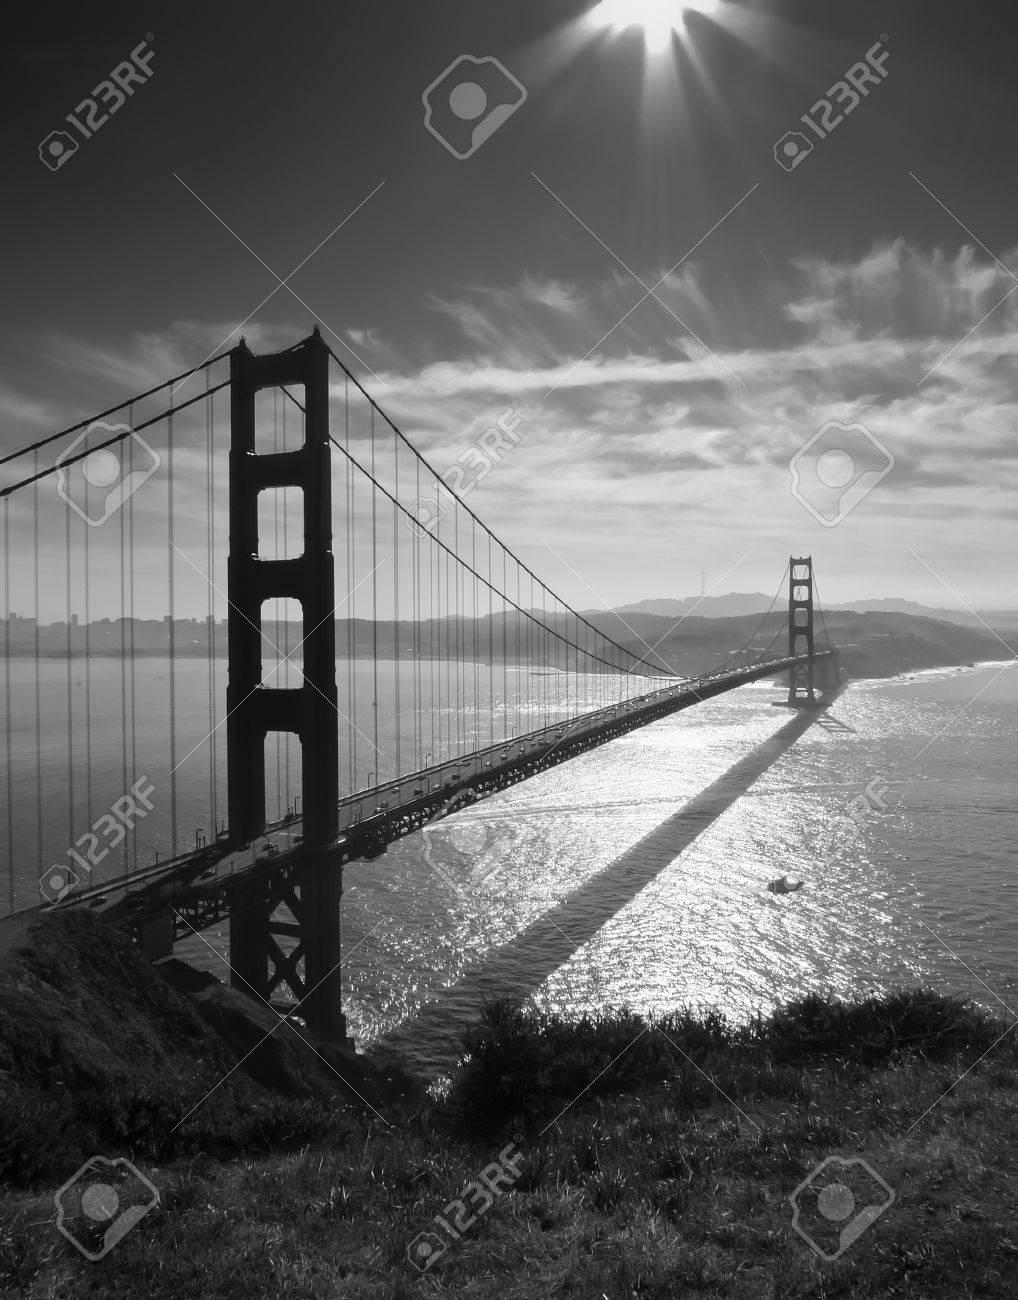 Golden Gate Br? und San Francisco von Battery Spencer, schwarz und wei?zu sehen Standard-Bild - 17169850